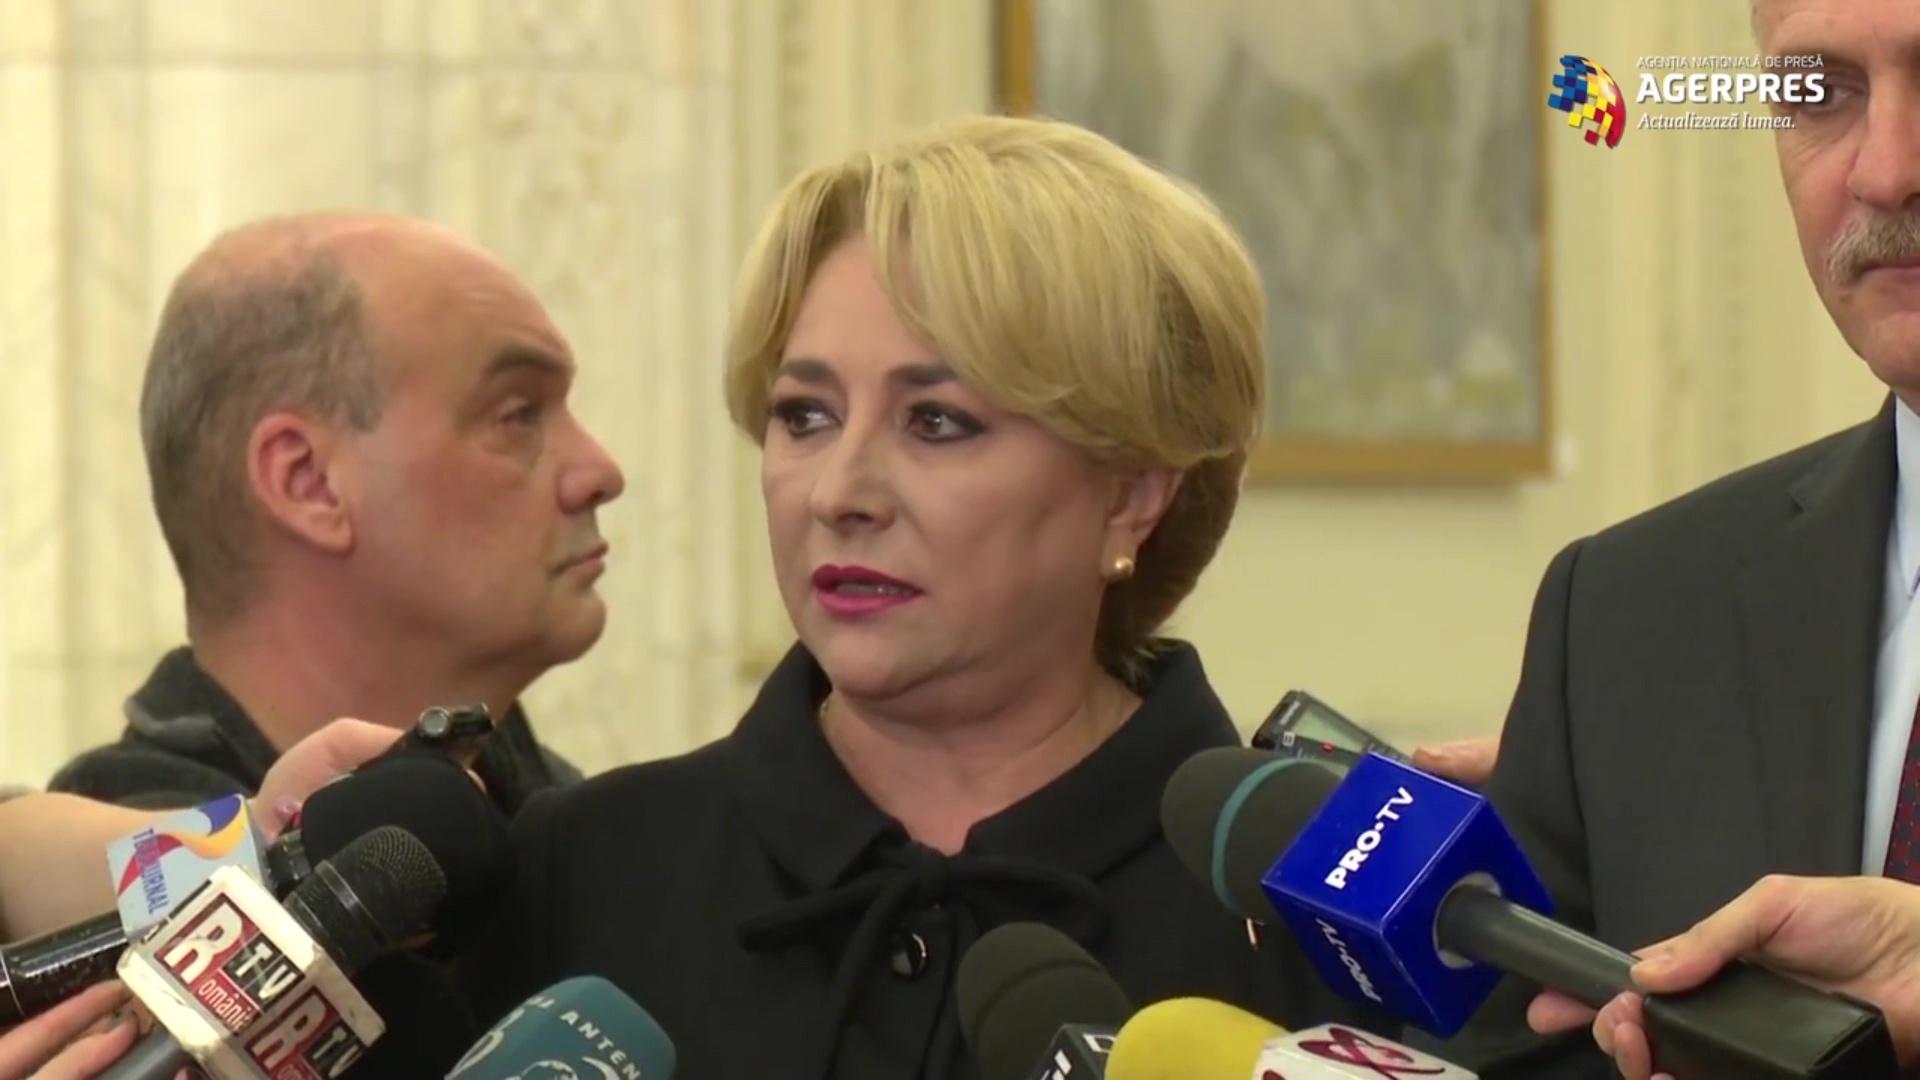 Rumania emëron femrën e parë në histori në drejtim të qeverisë